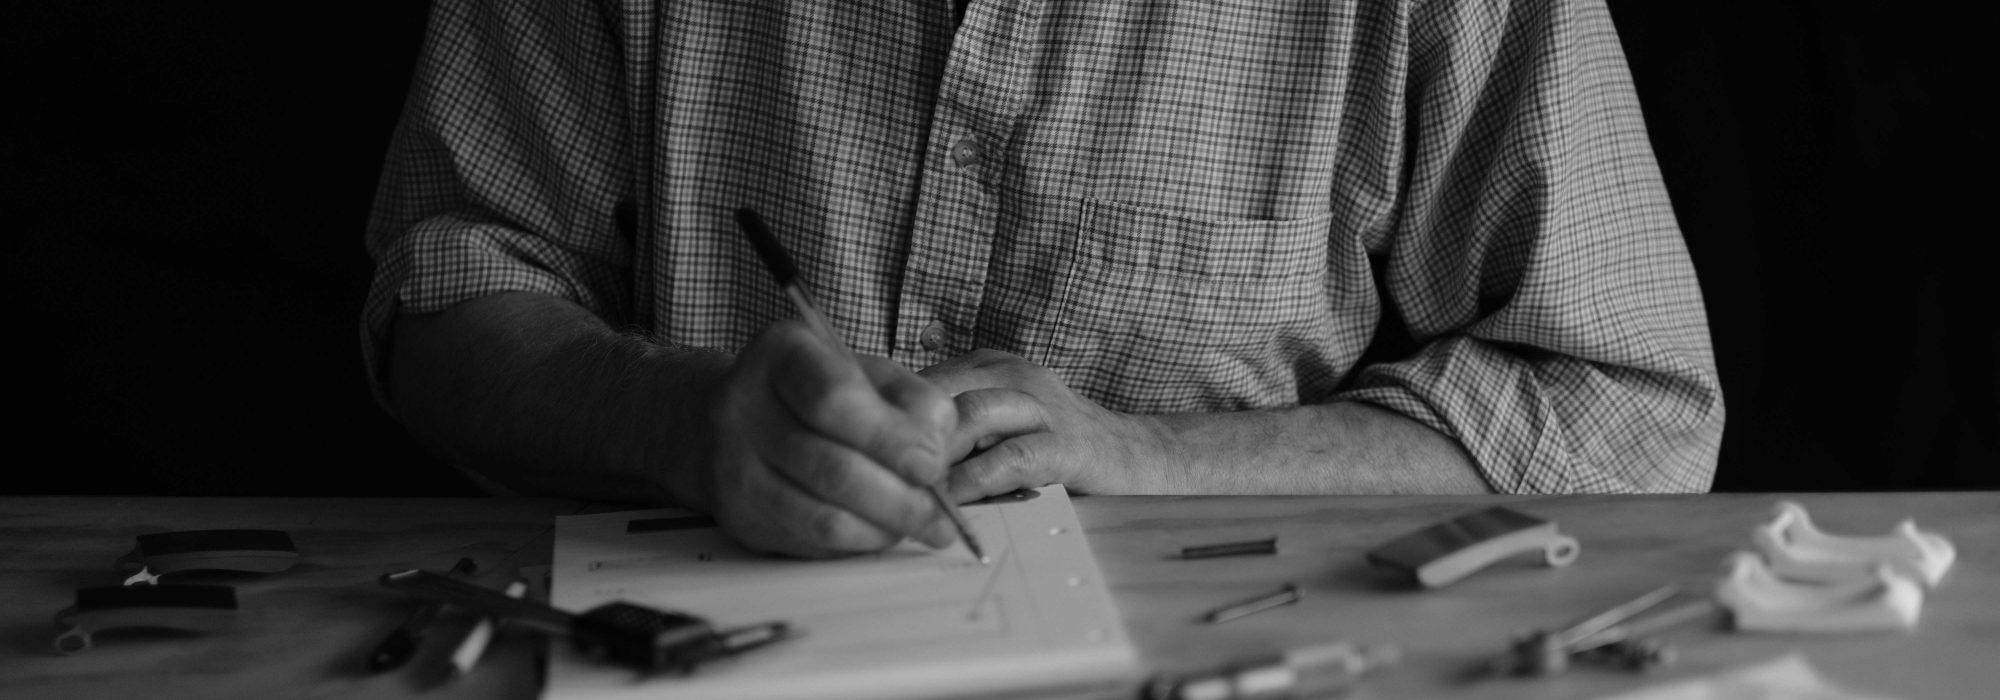 Mr Tallett working on design